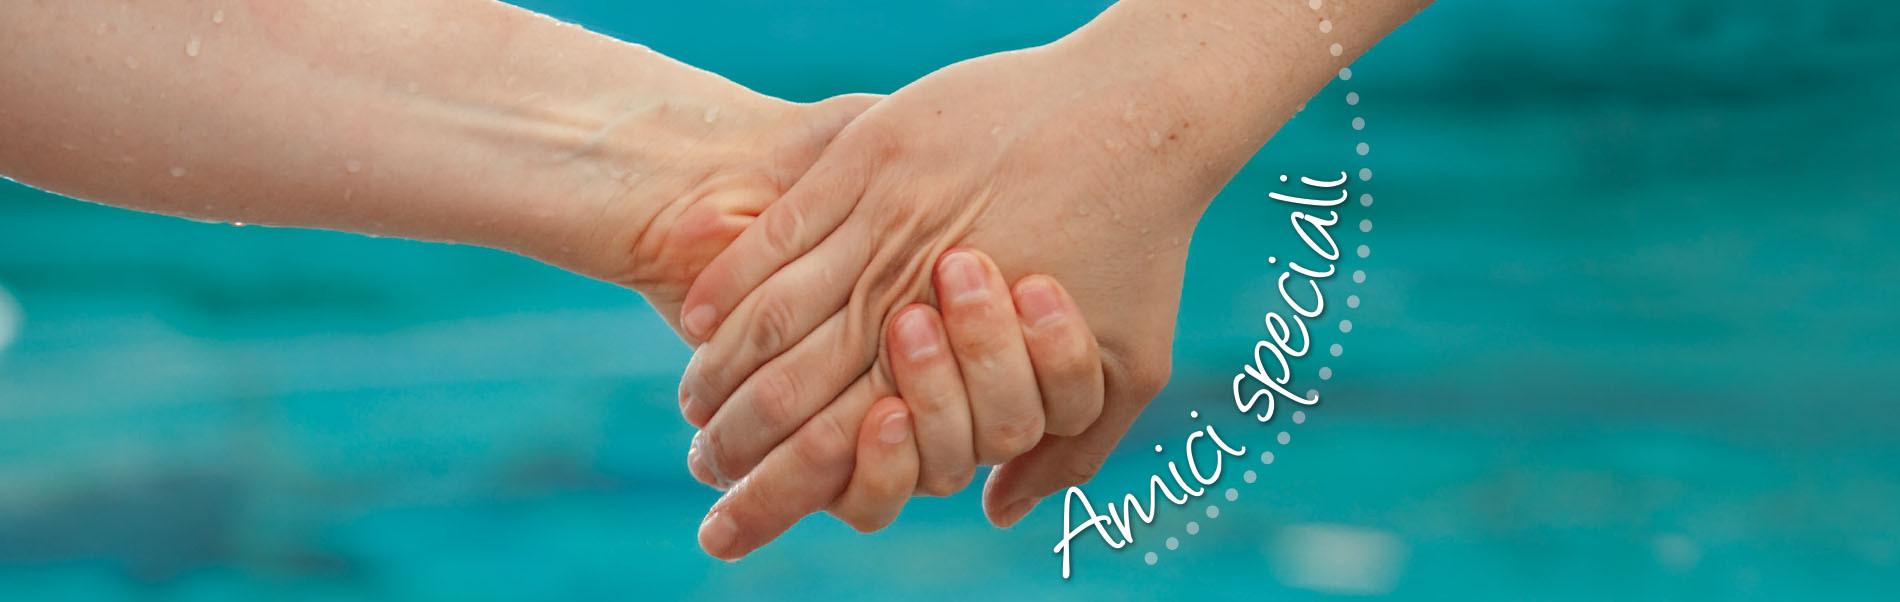 """Due mani si stringono, dietro si vede sfuocata l'acqua di una piscina. Vicino alle mani c'è la scritta """"Amici Speciali""""."""